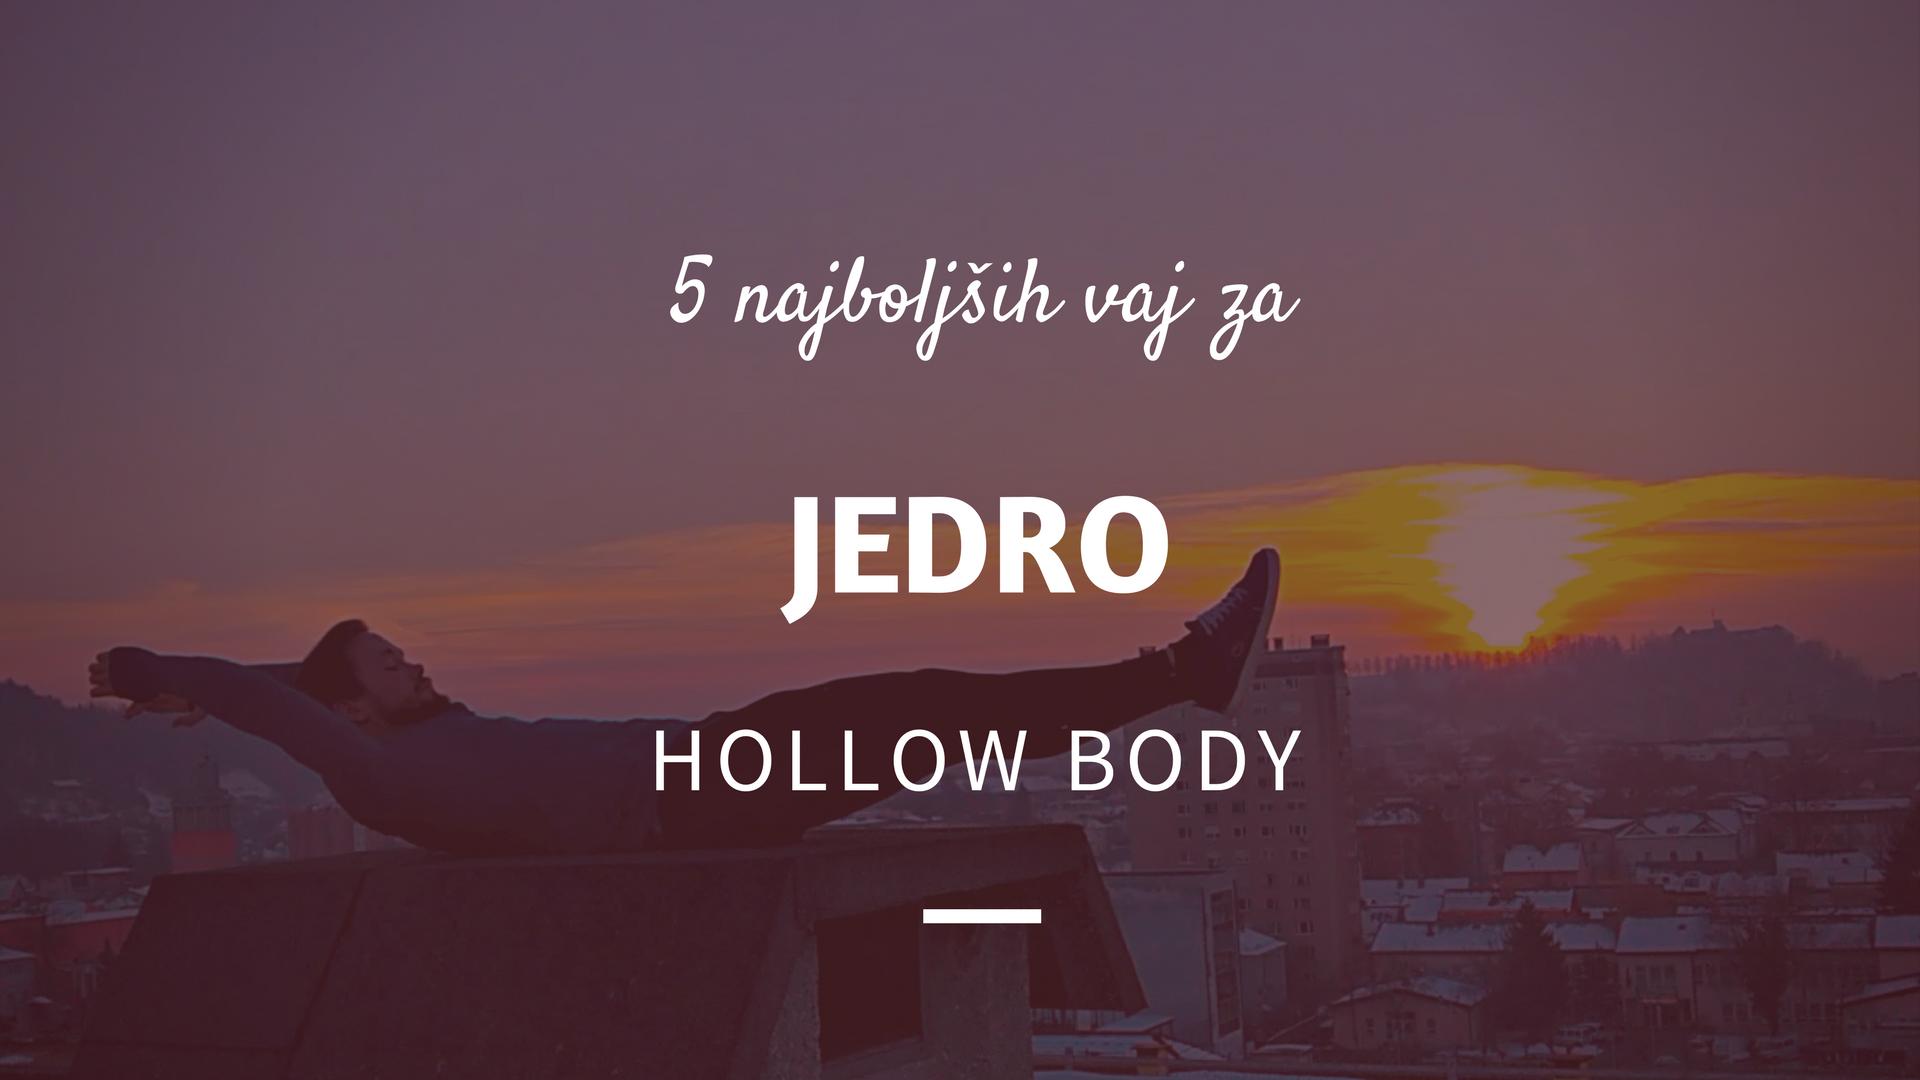 Jedro in 5 najboljših vaj: Hollow Body